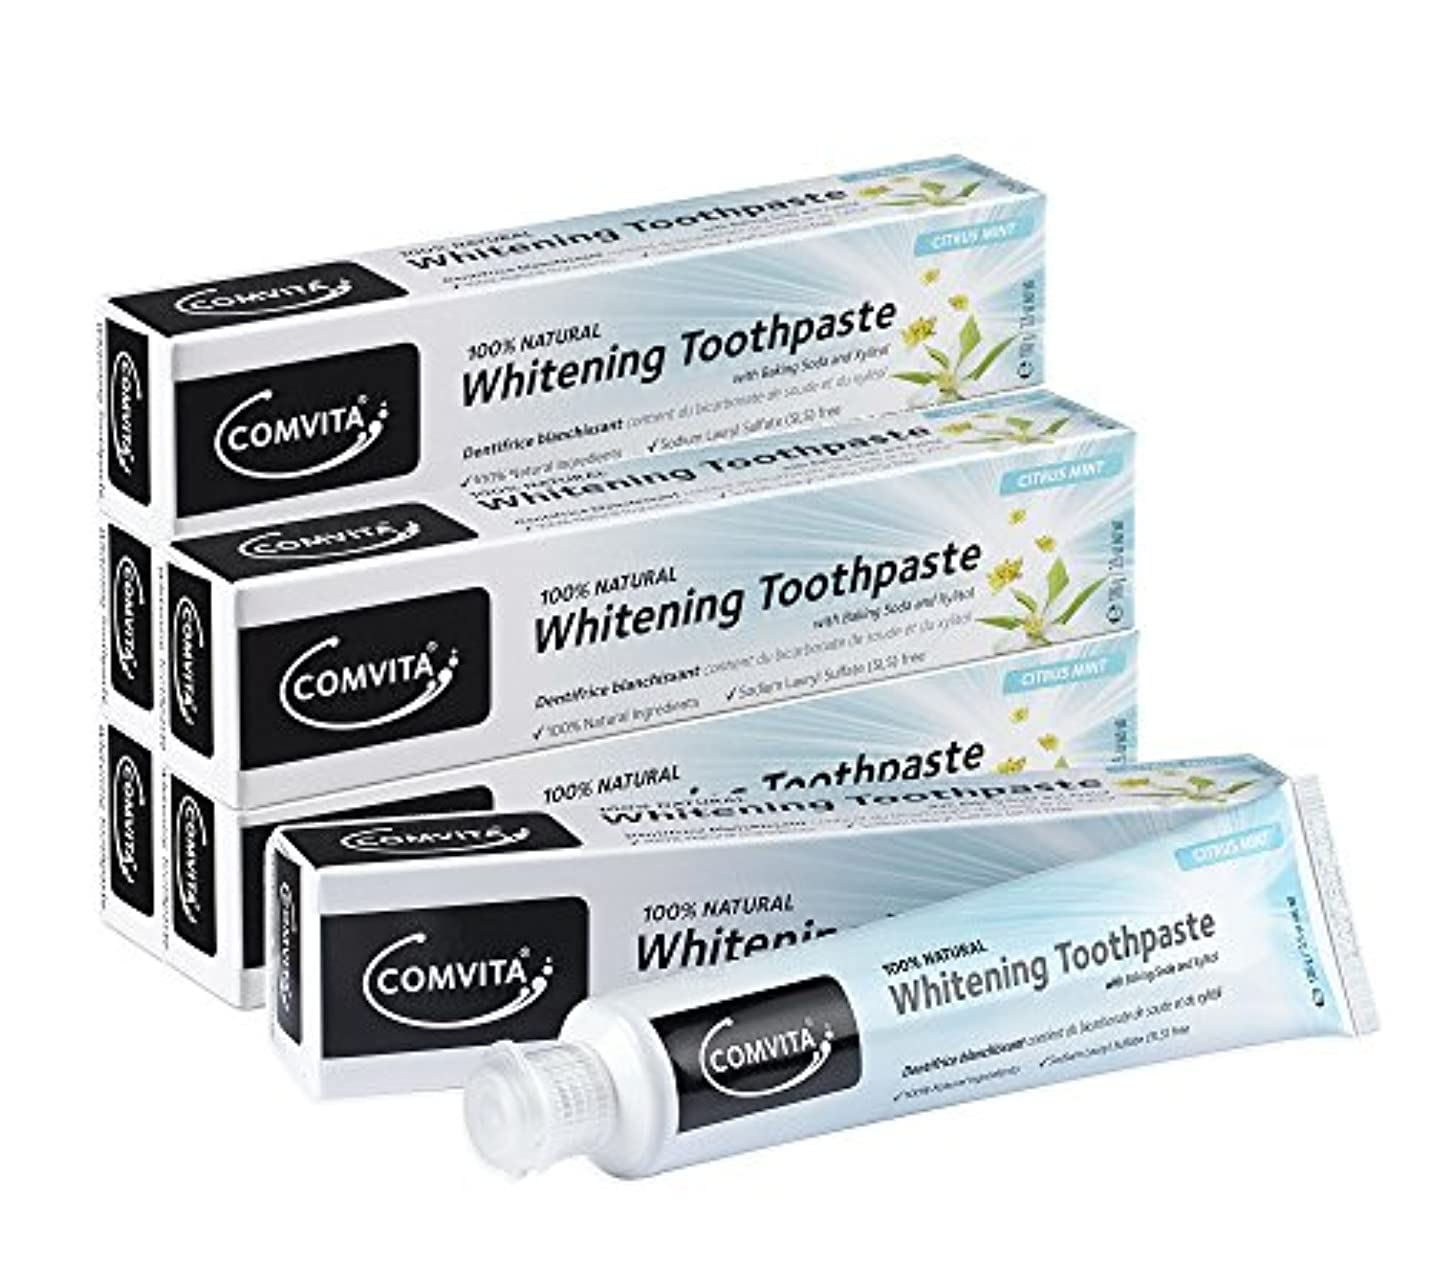 ゼロチャンバー馬力ホワイトニング歯磨き コンビタ 100g お得な6本セット whitening toothpaste